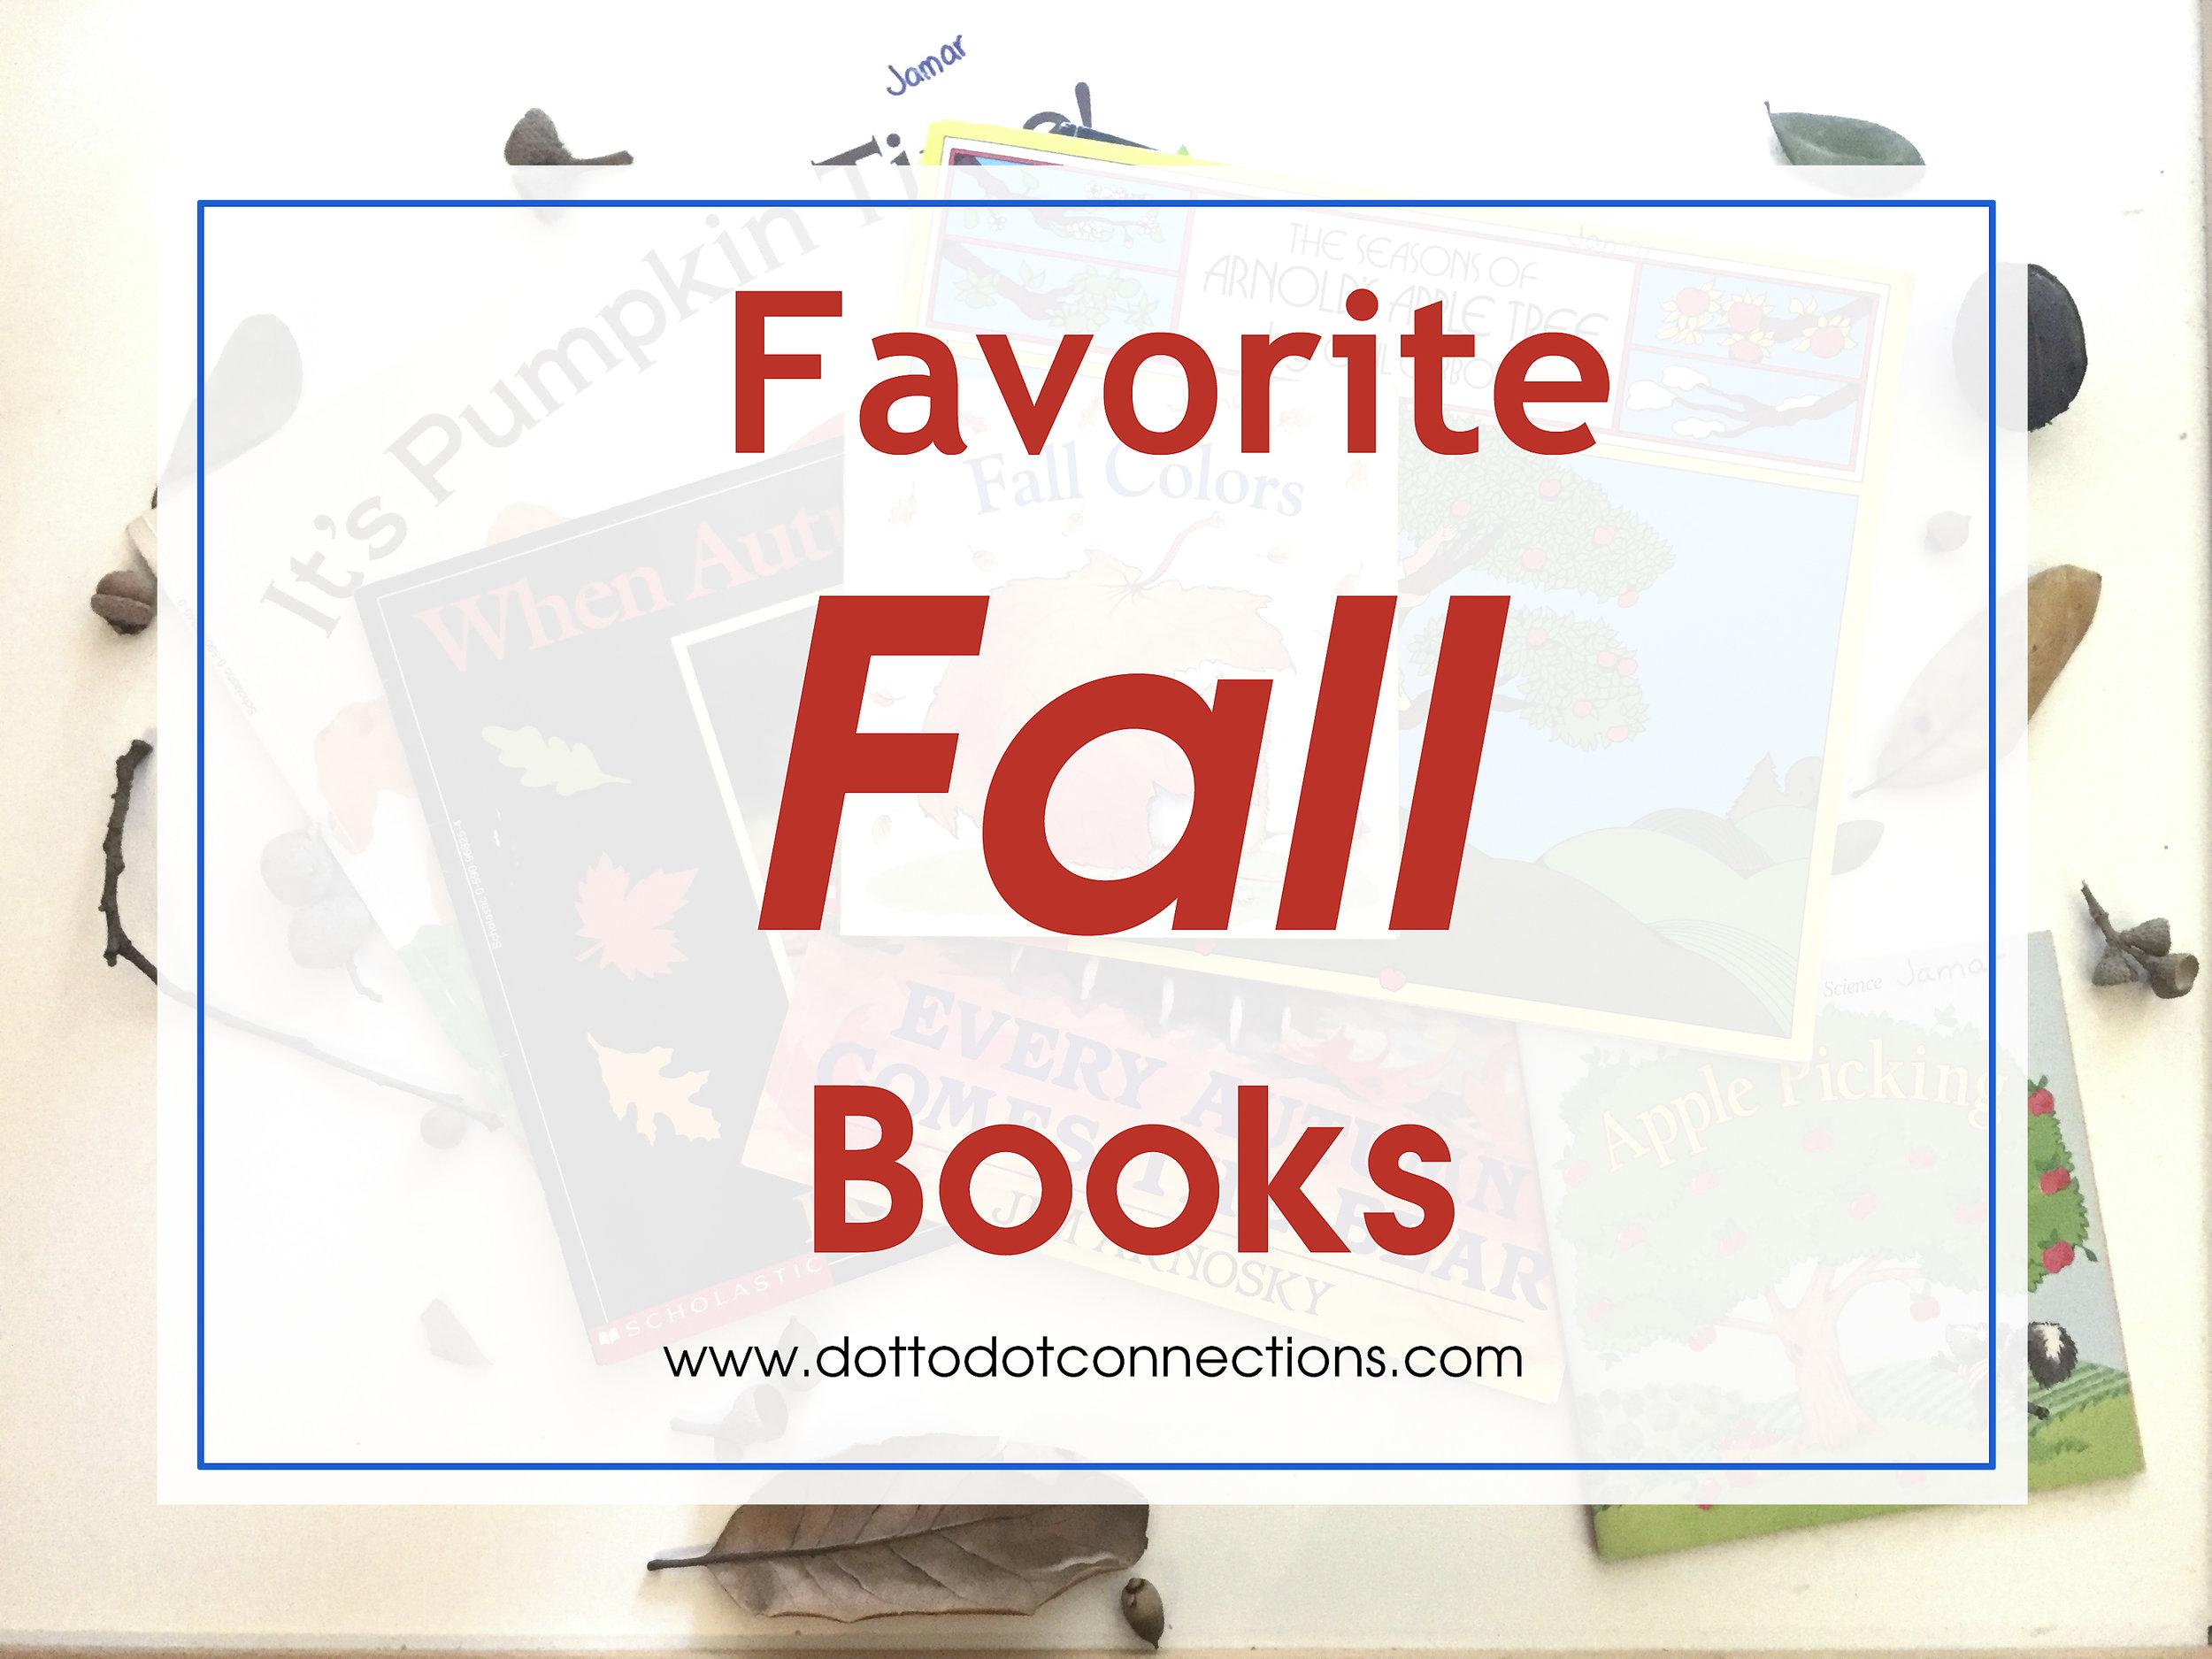 FavoriteFallBooks.jpg